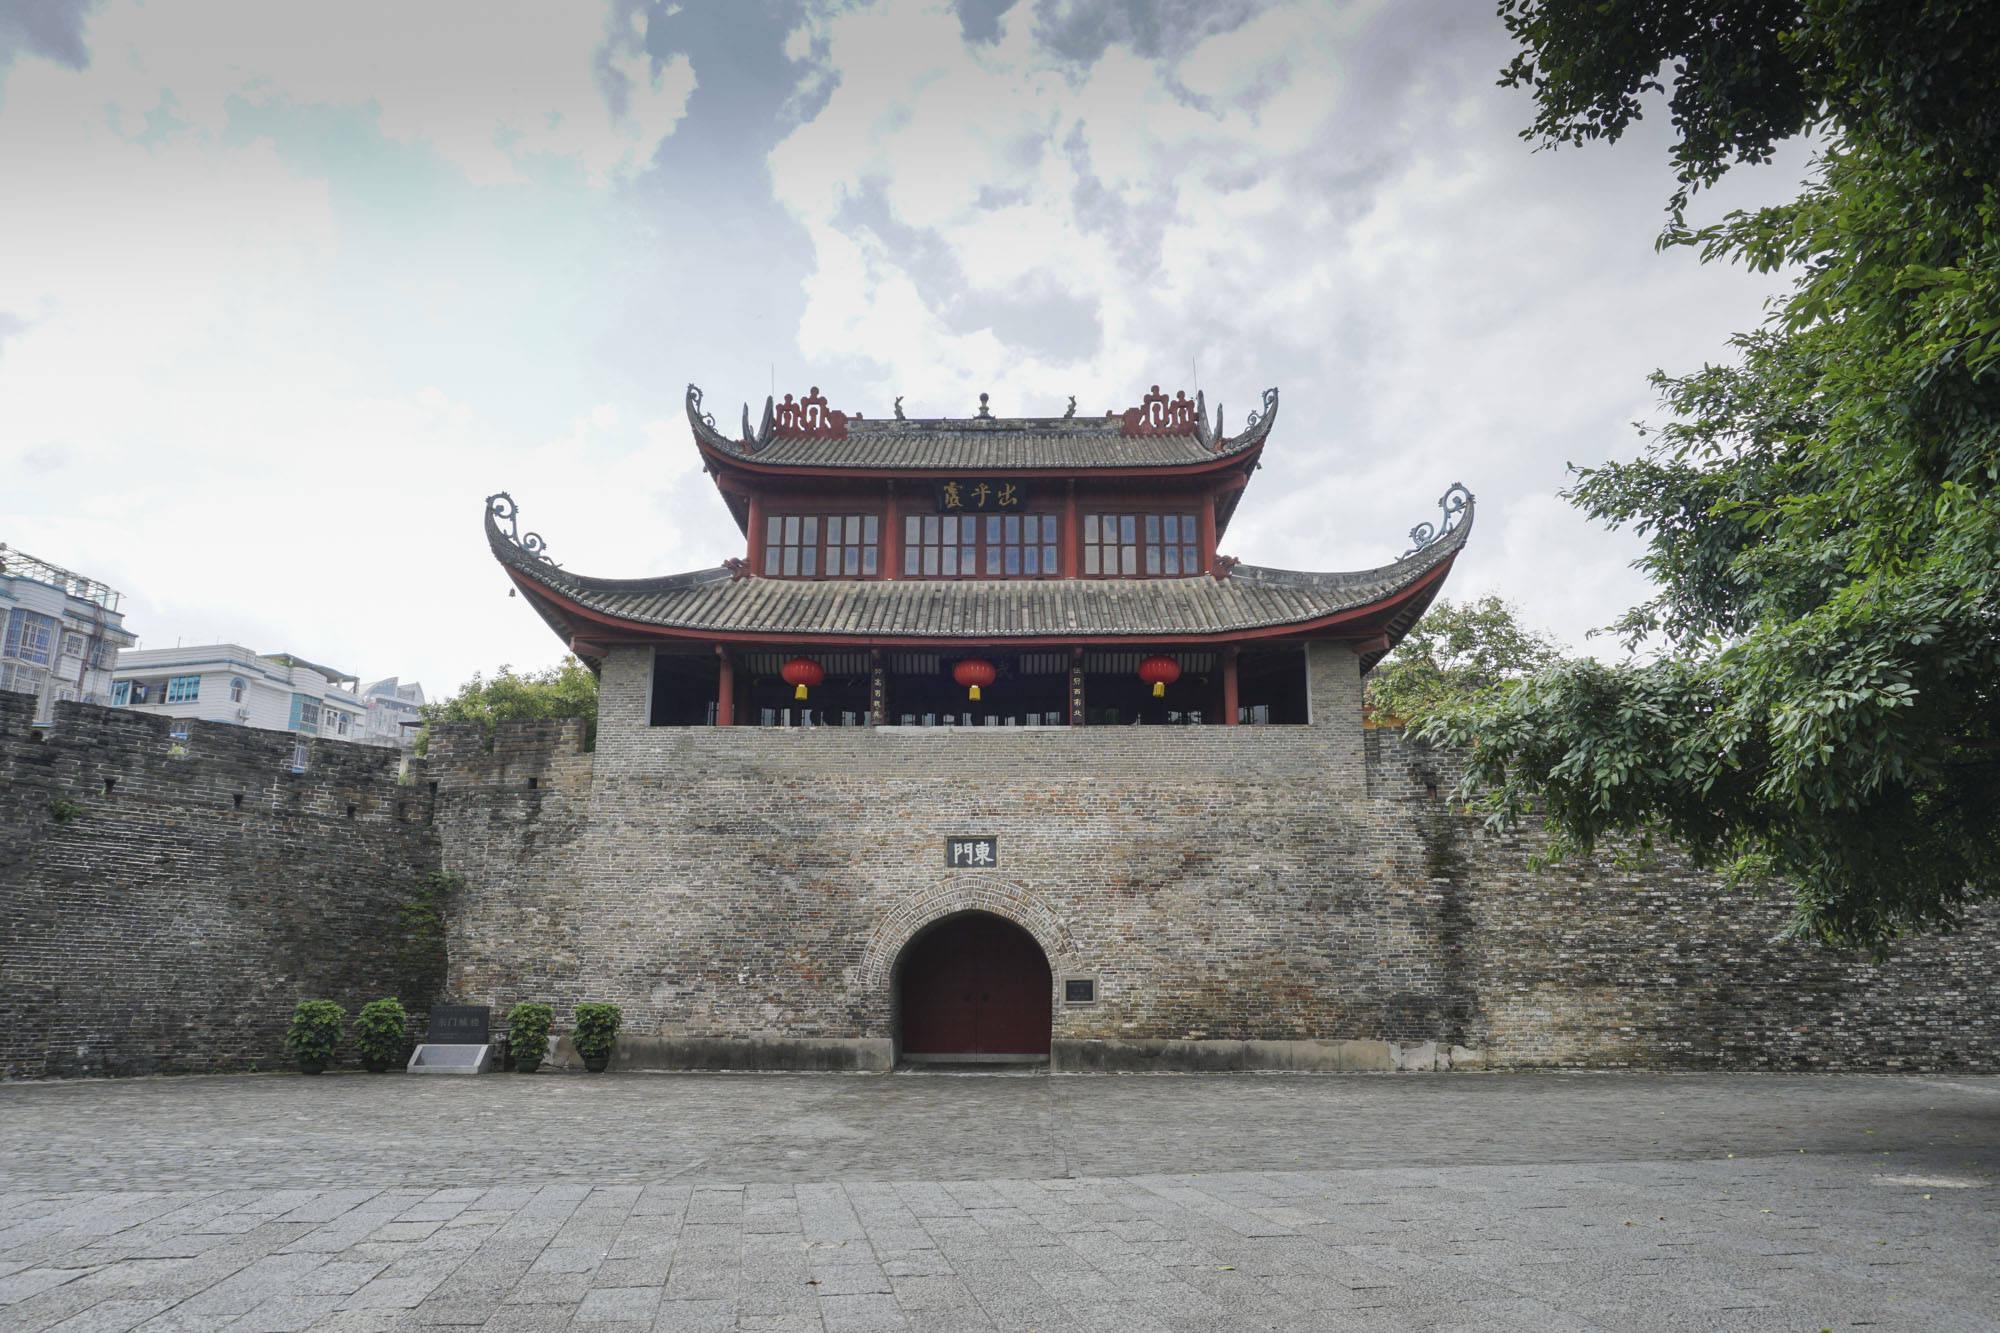 原创 广西柳州遗存不多的古迹之一,已有六百多年历史了,但常被忽略!